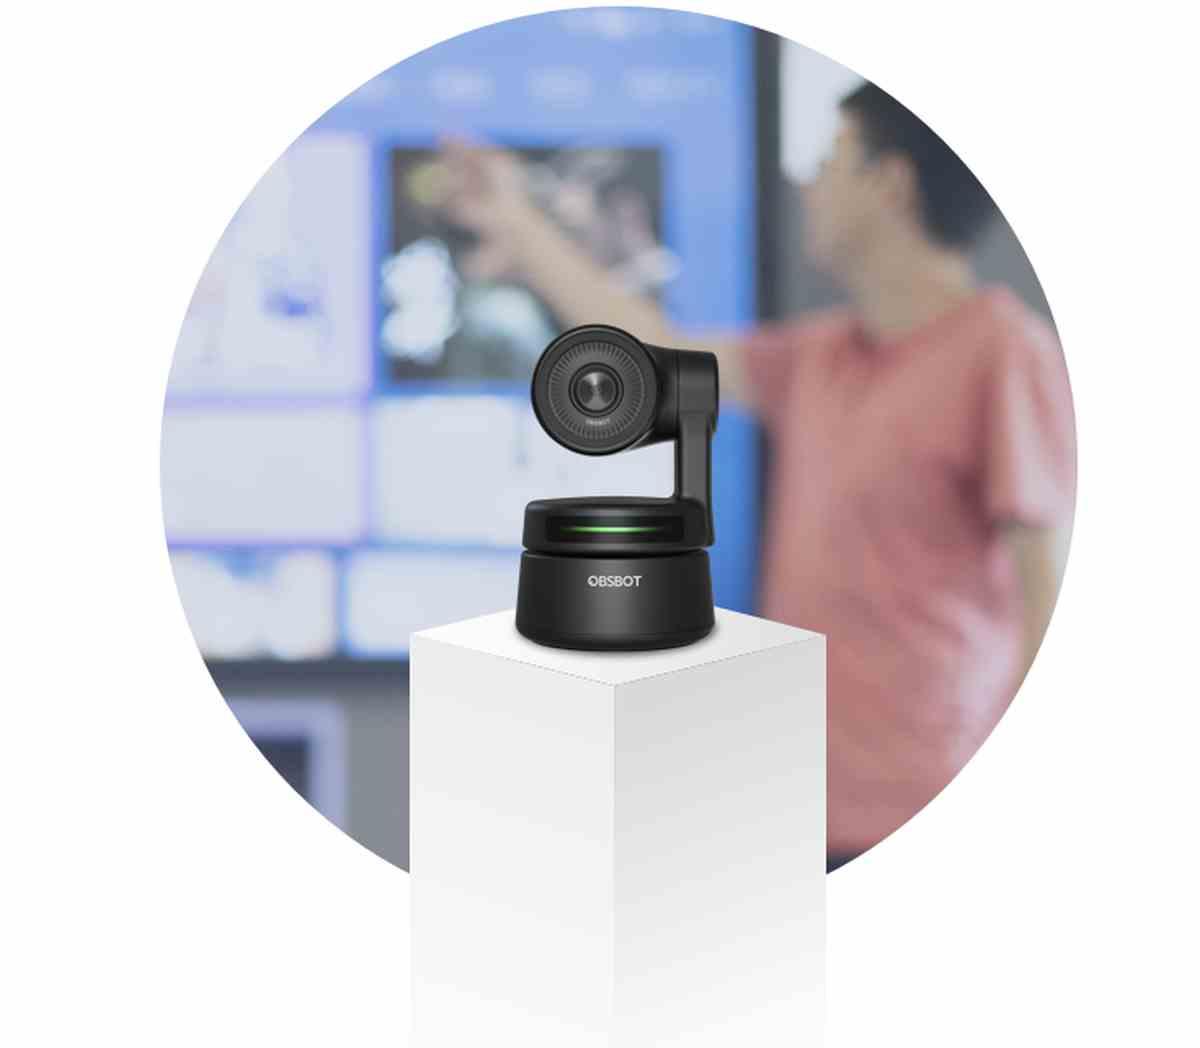 Una cámara web que te permite libertad de movimientos, y que triunfa en Indiegogo